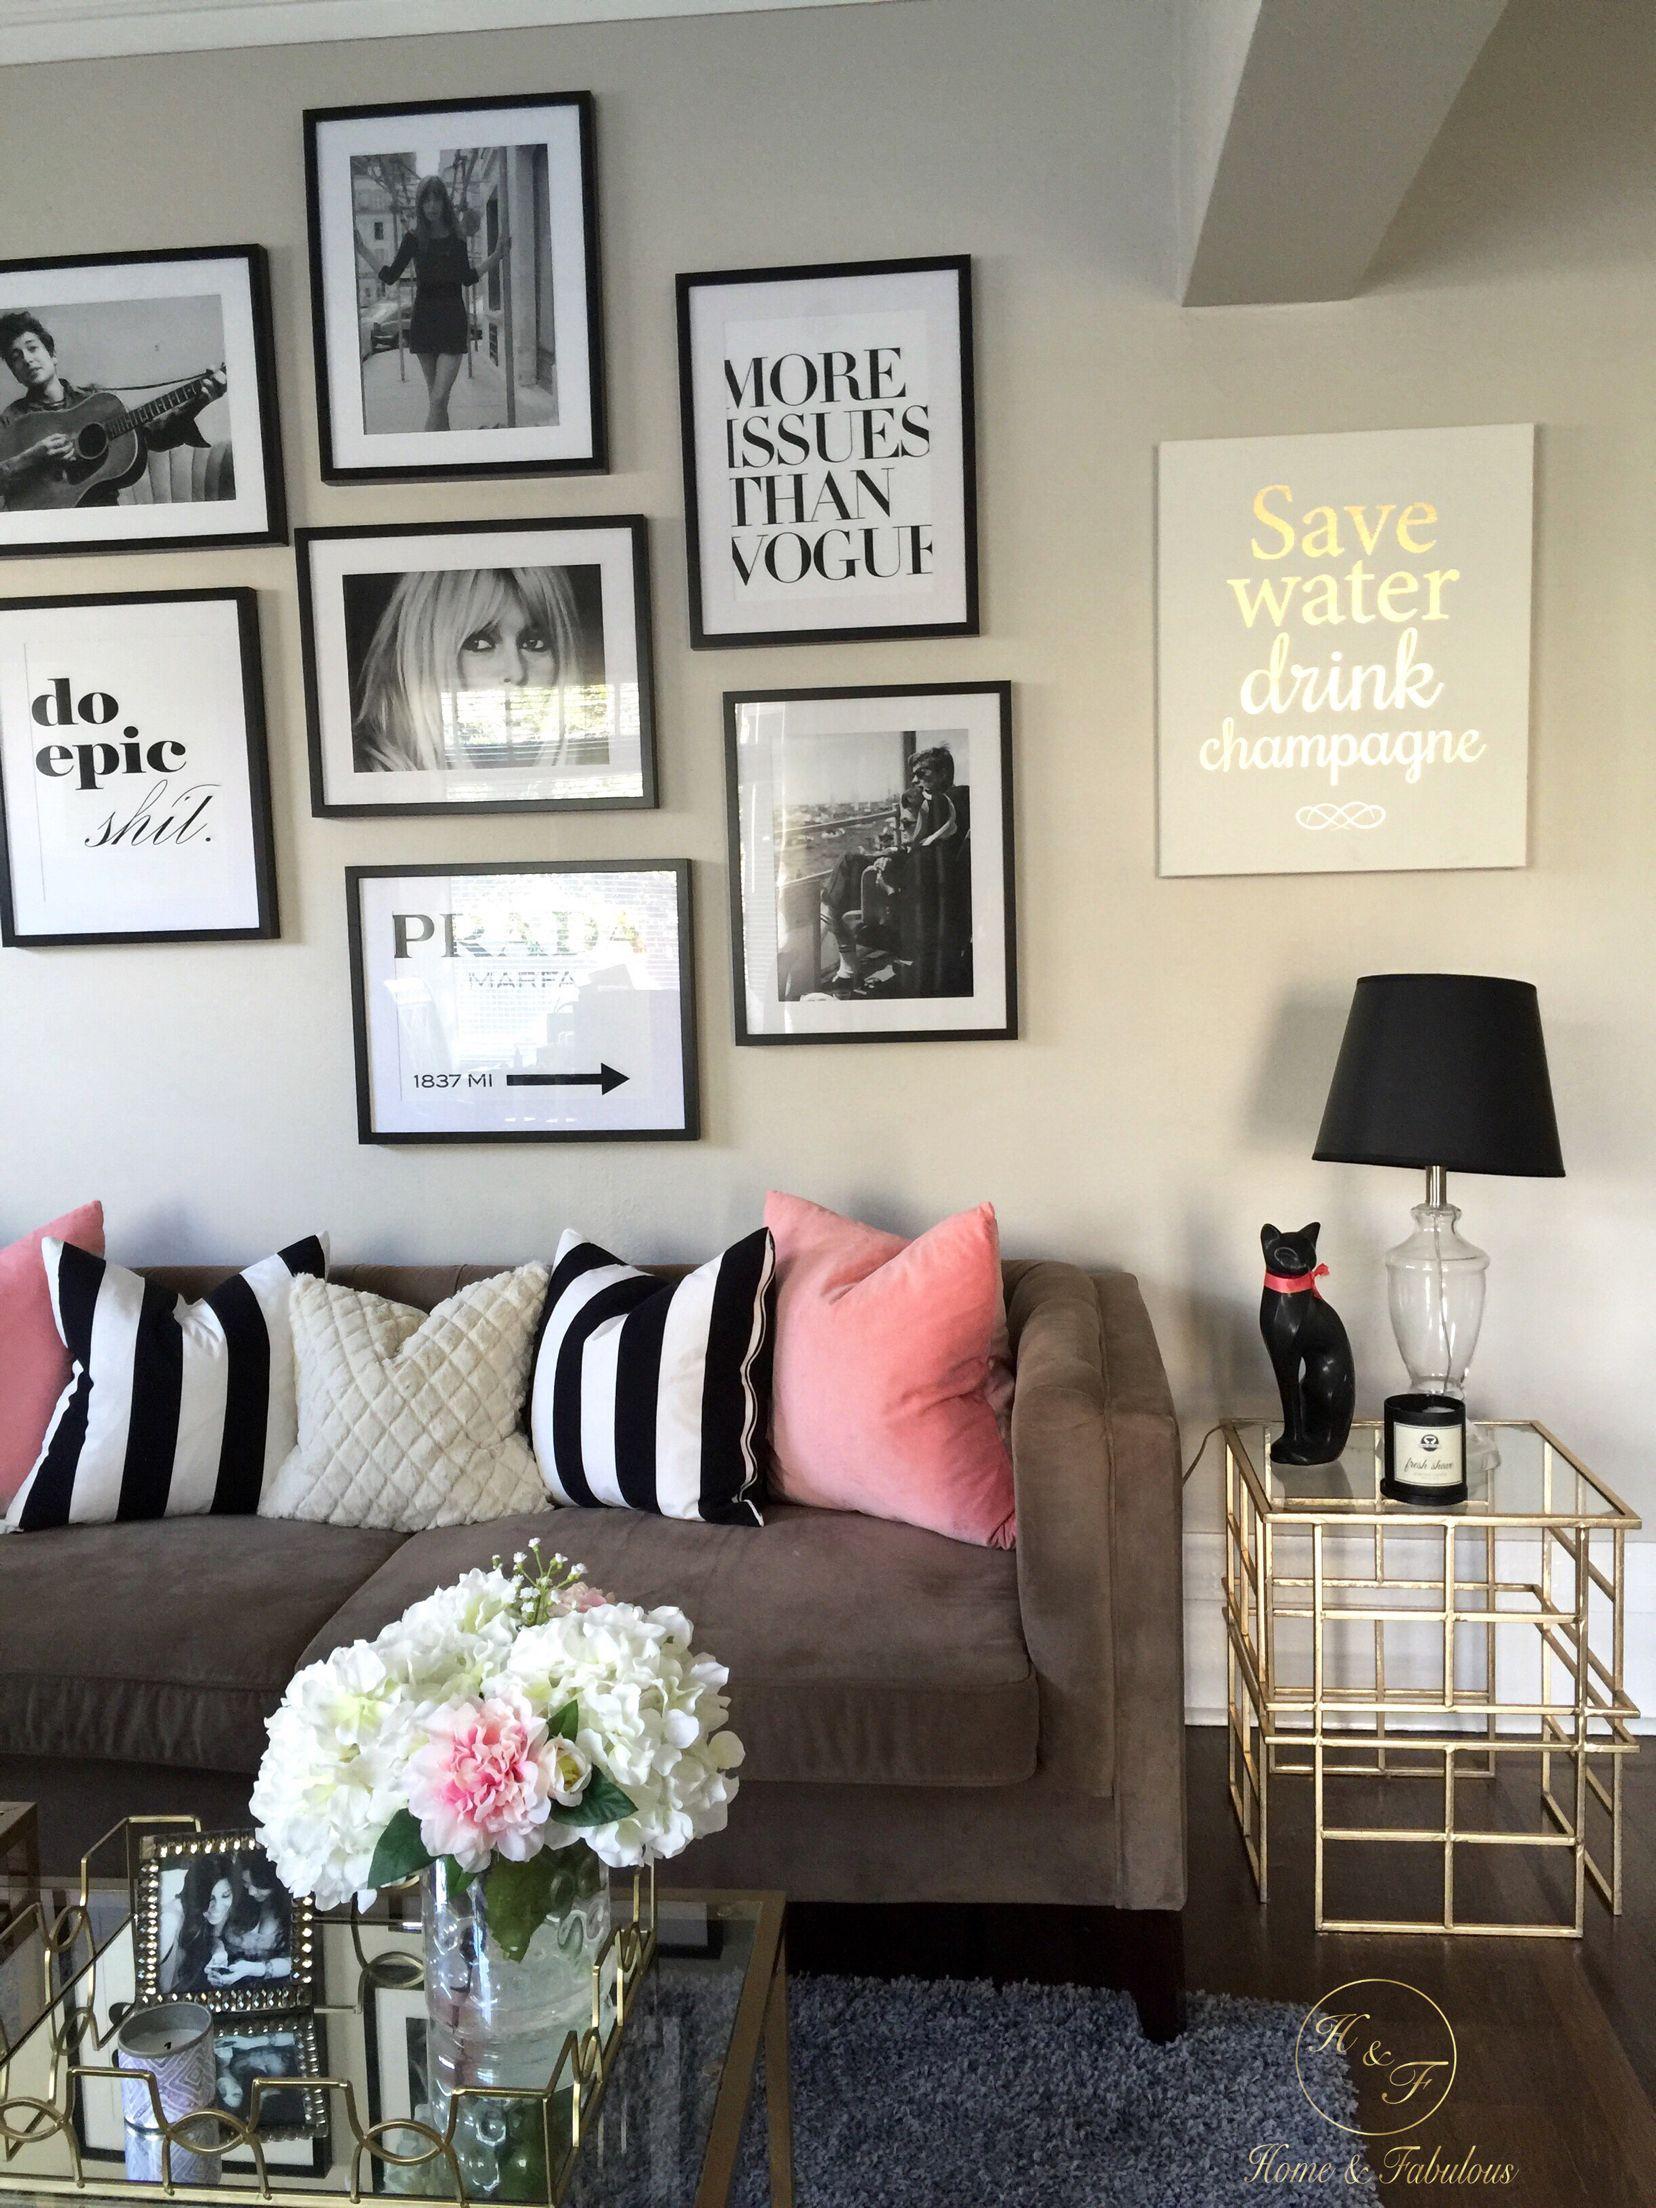 Home And Fabulous Home Decor Apartment Decor Living Room Decor